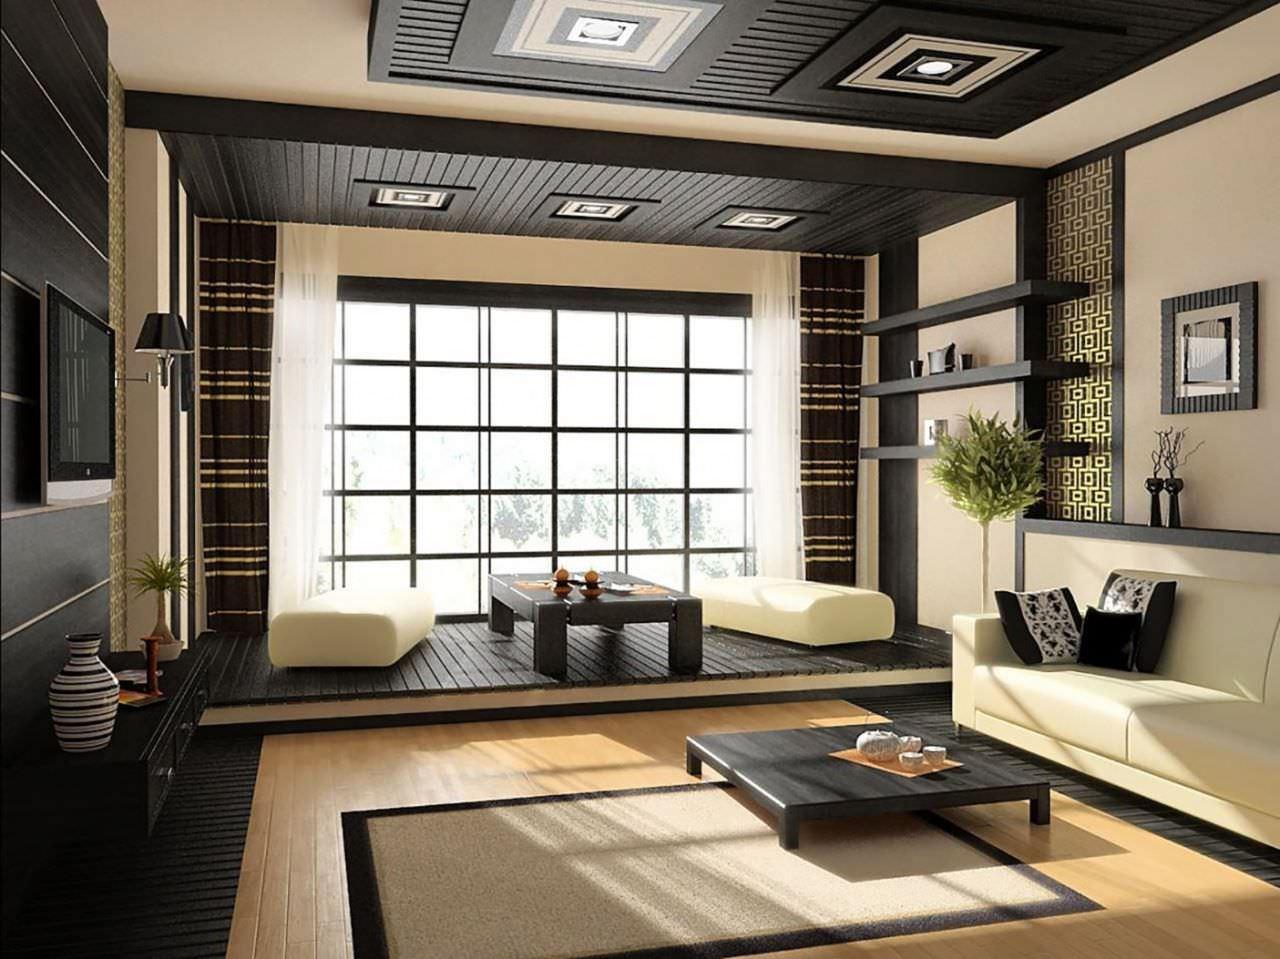 Không gian phòng khách sáng sửa hơn nhờ cửa kính trượt